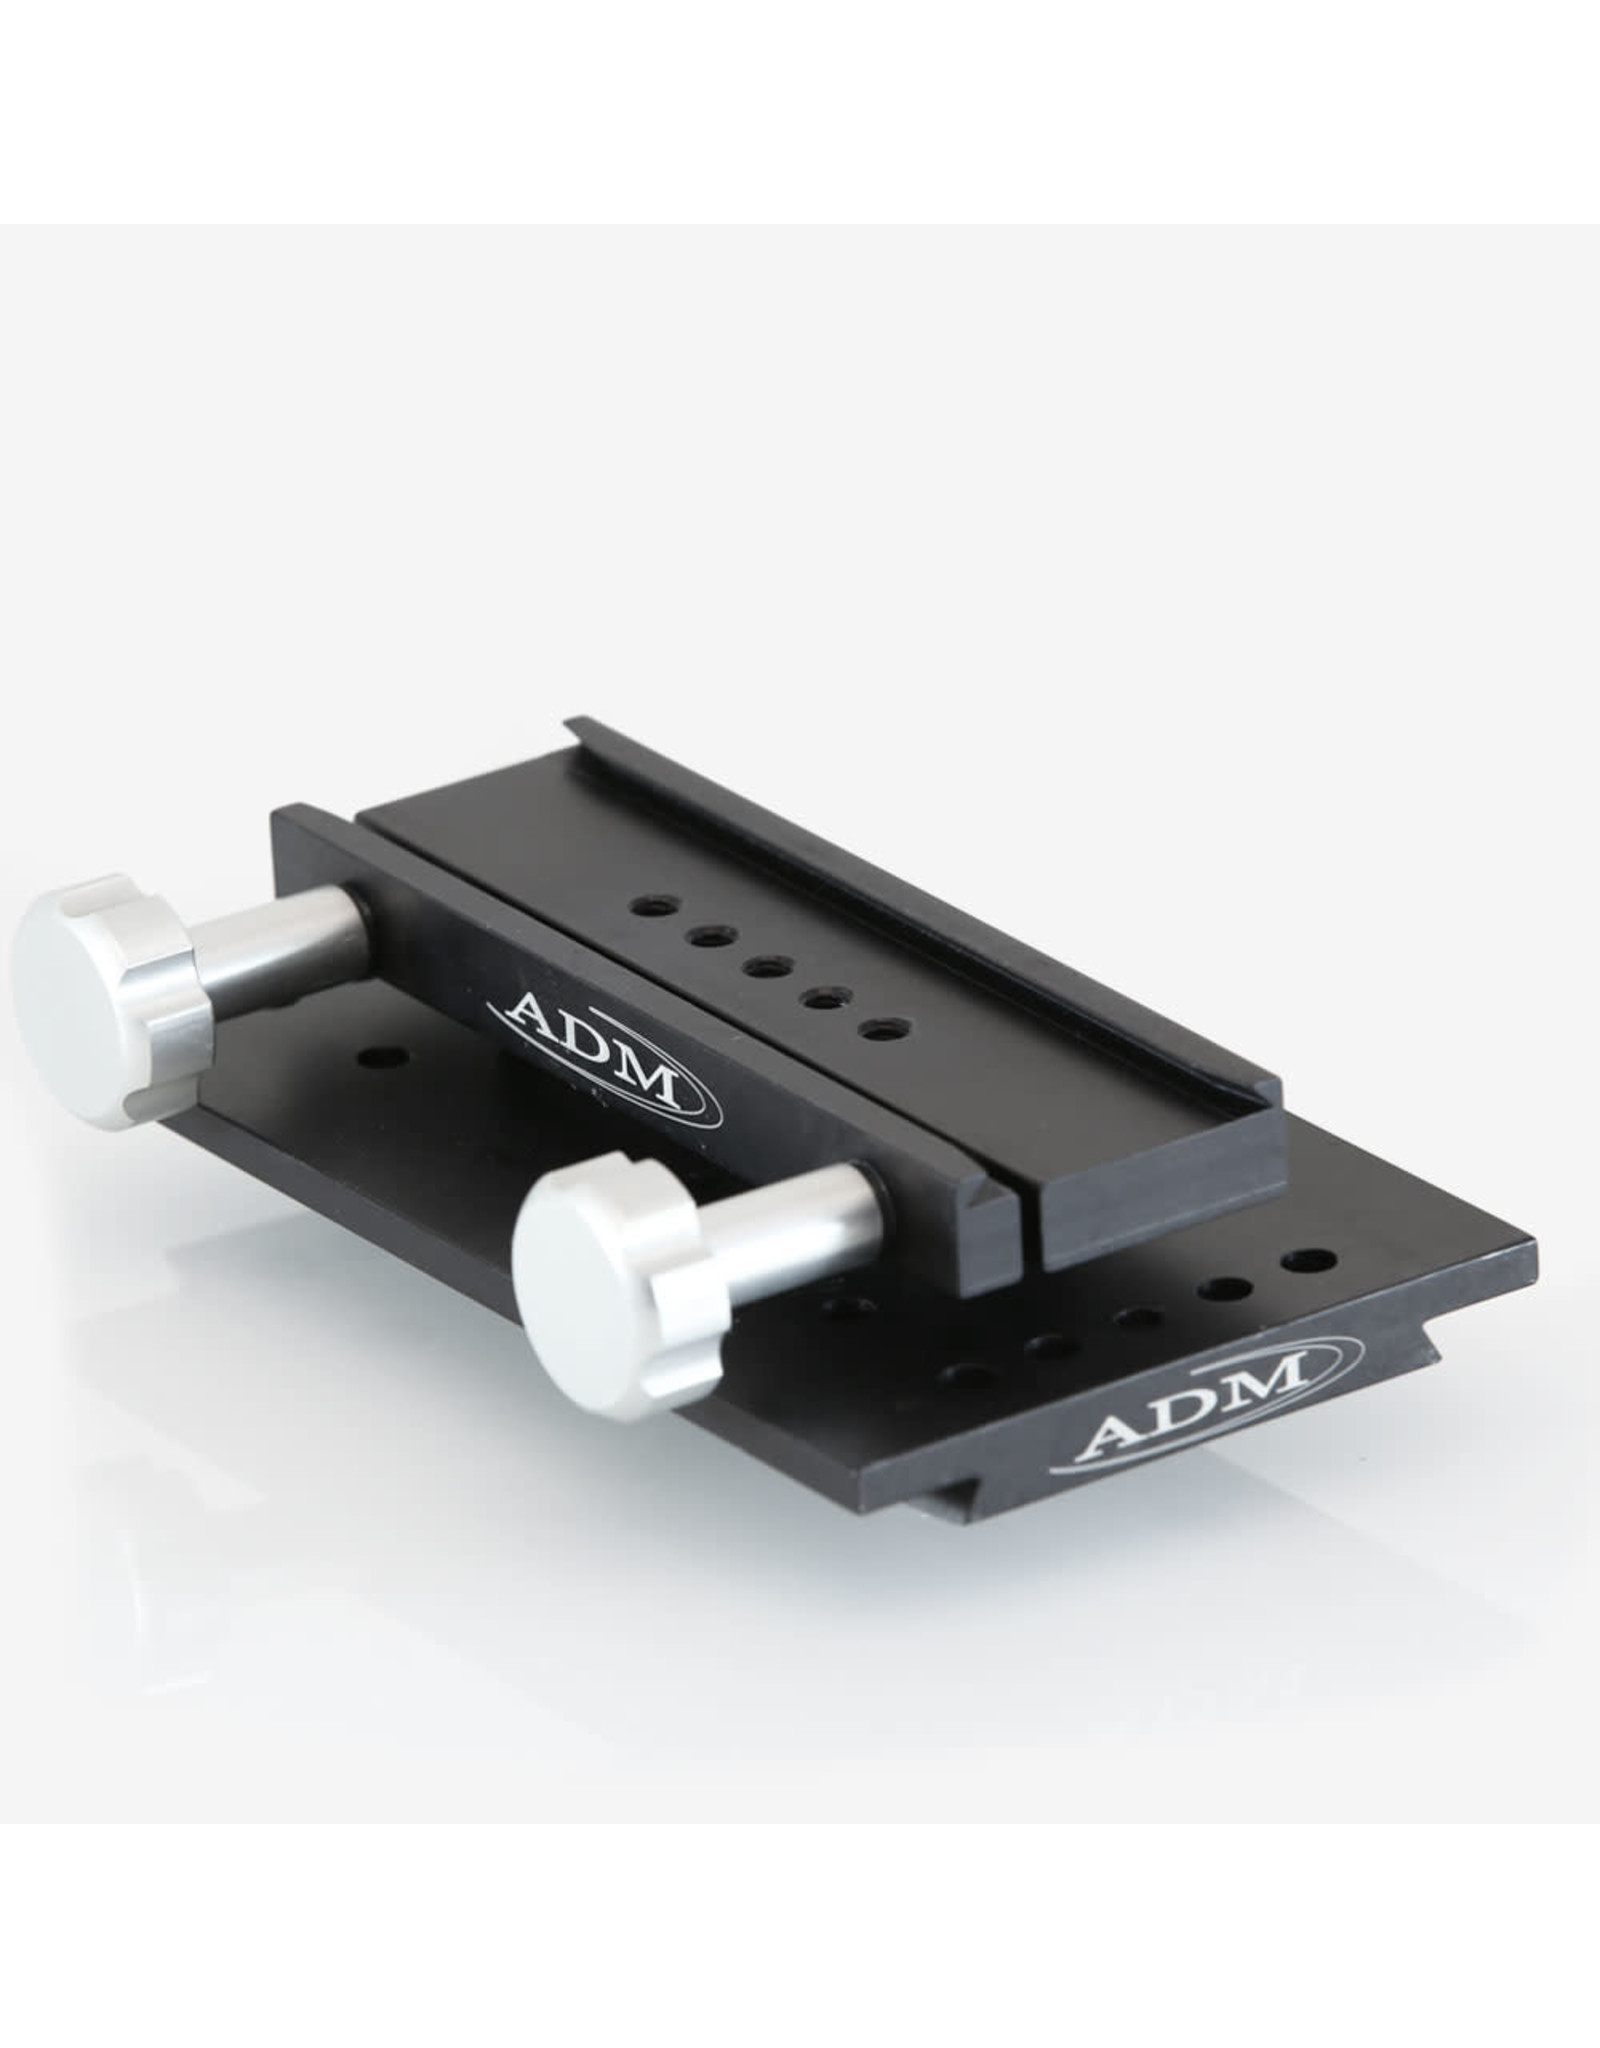 ADM ADM-D2AS – D Series to Arca Swiss Adapter